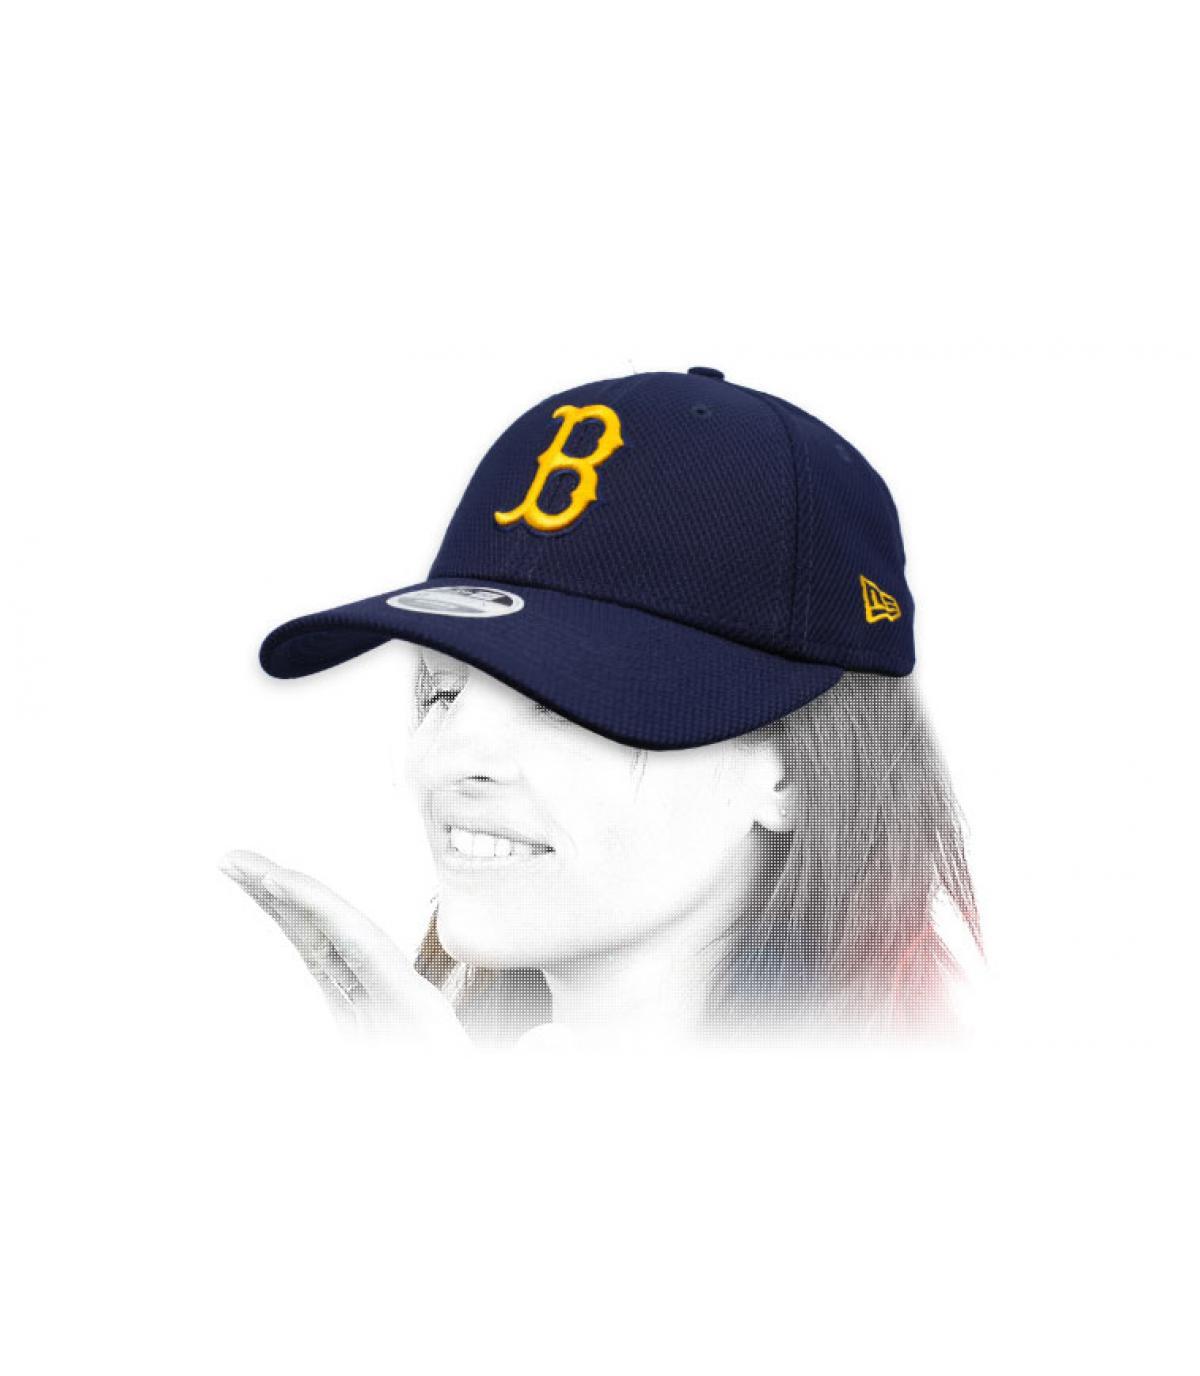 gorra B mujer azul amarillo